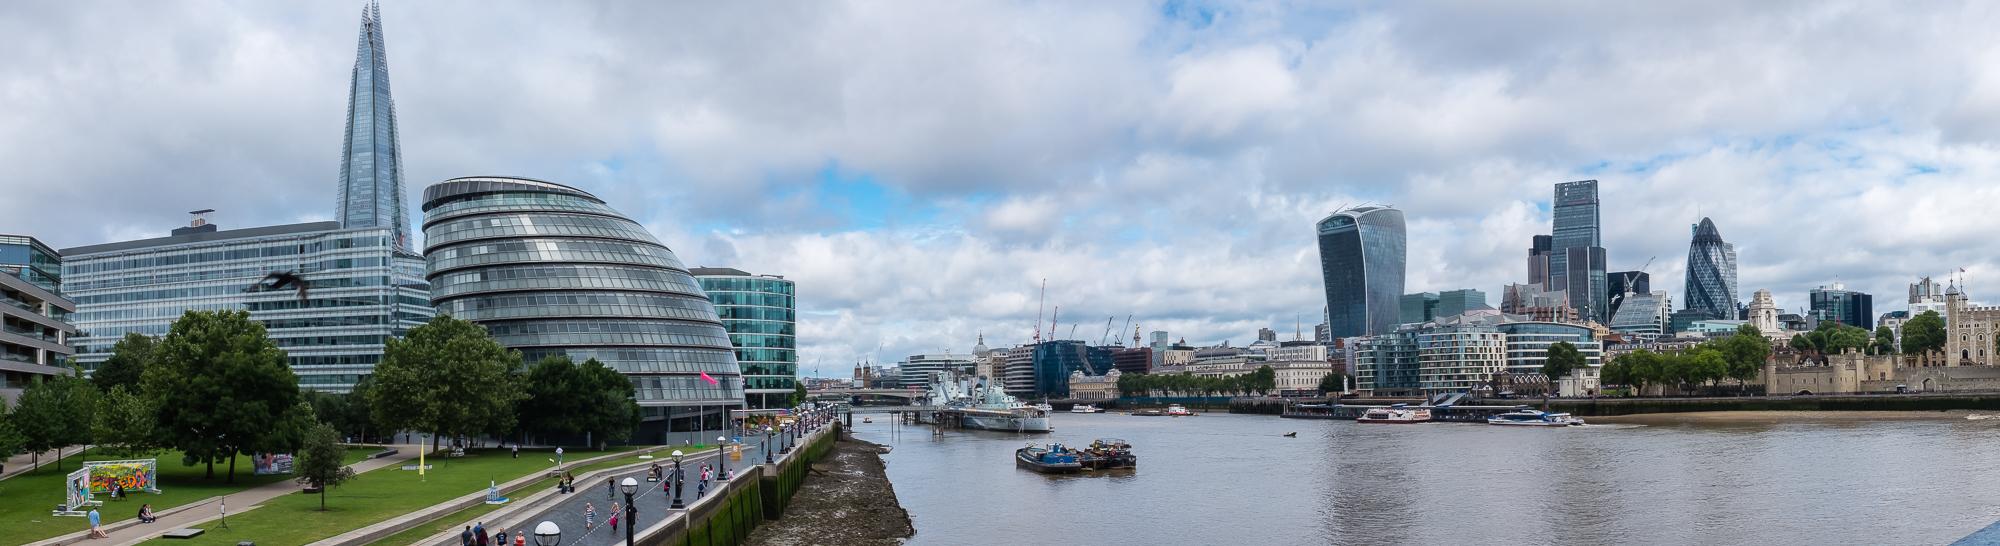 La City desde el río.